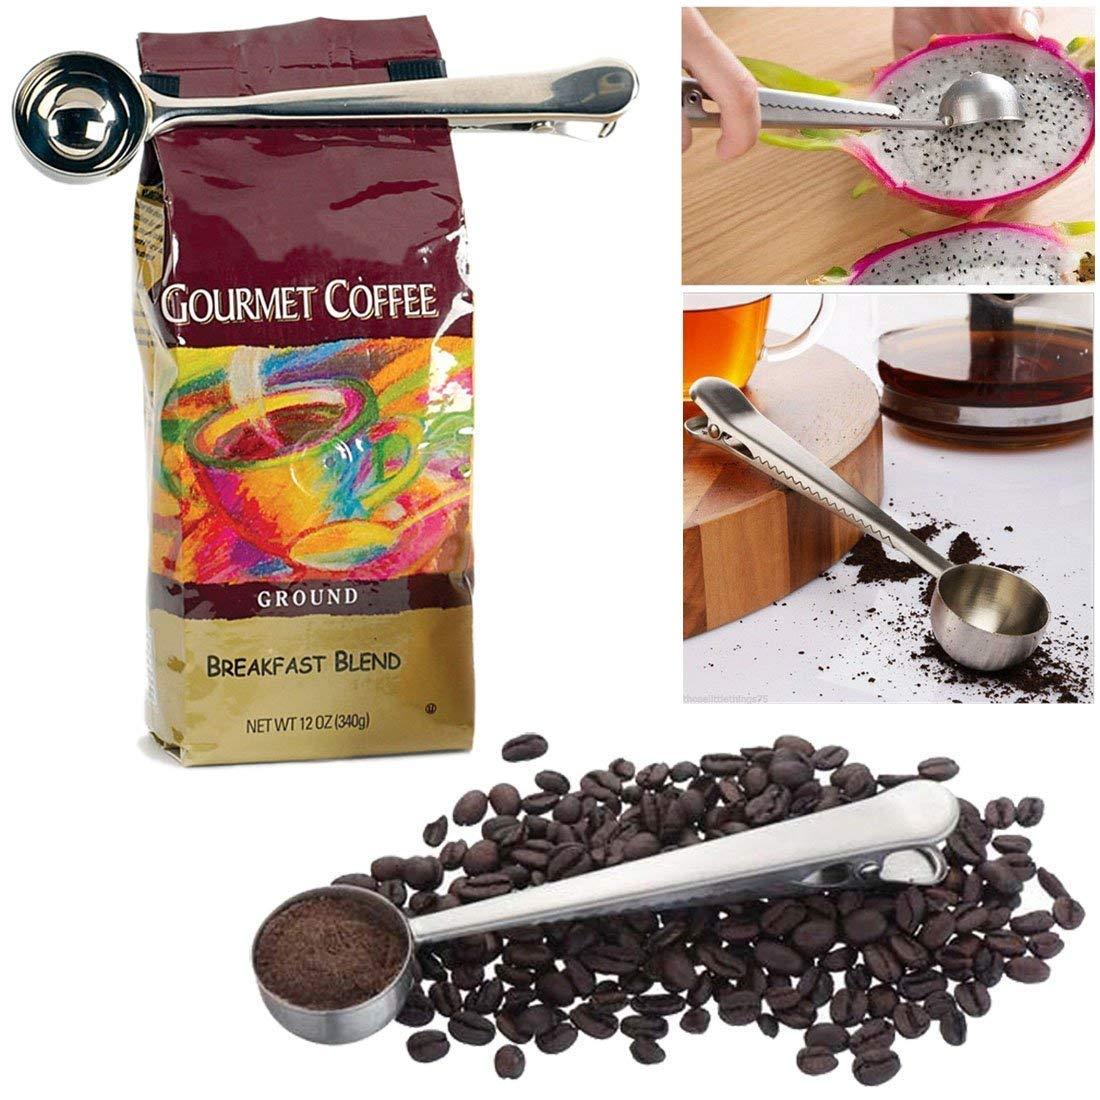 Hojas de t/é y Polvo Cuchara de Acero Inoxidable con Clip JJOnlineStore JJ Prime 1 Cuchara medidora para caf/é molido